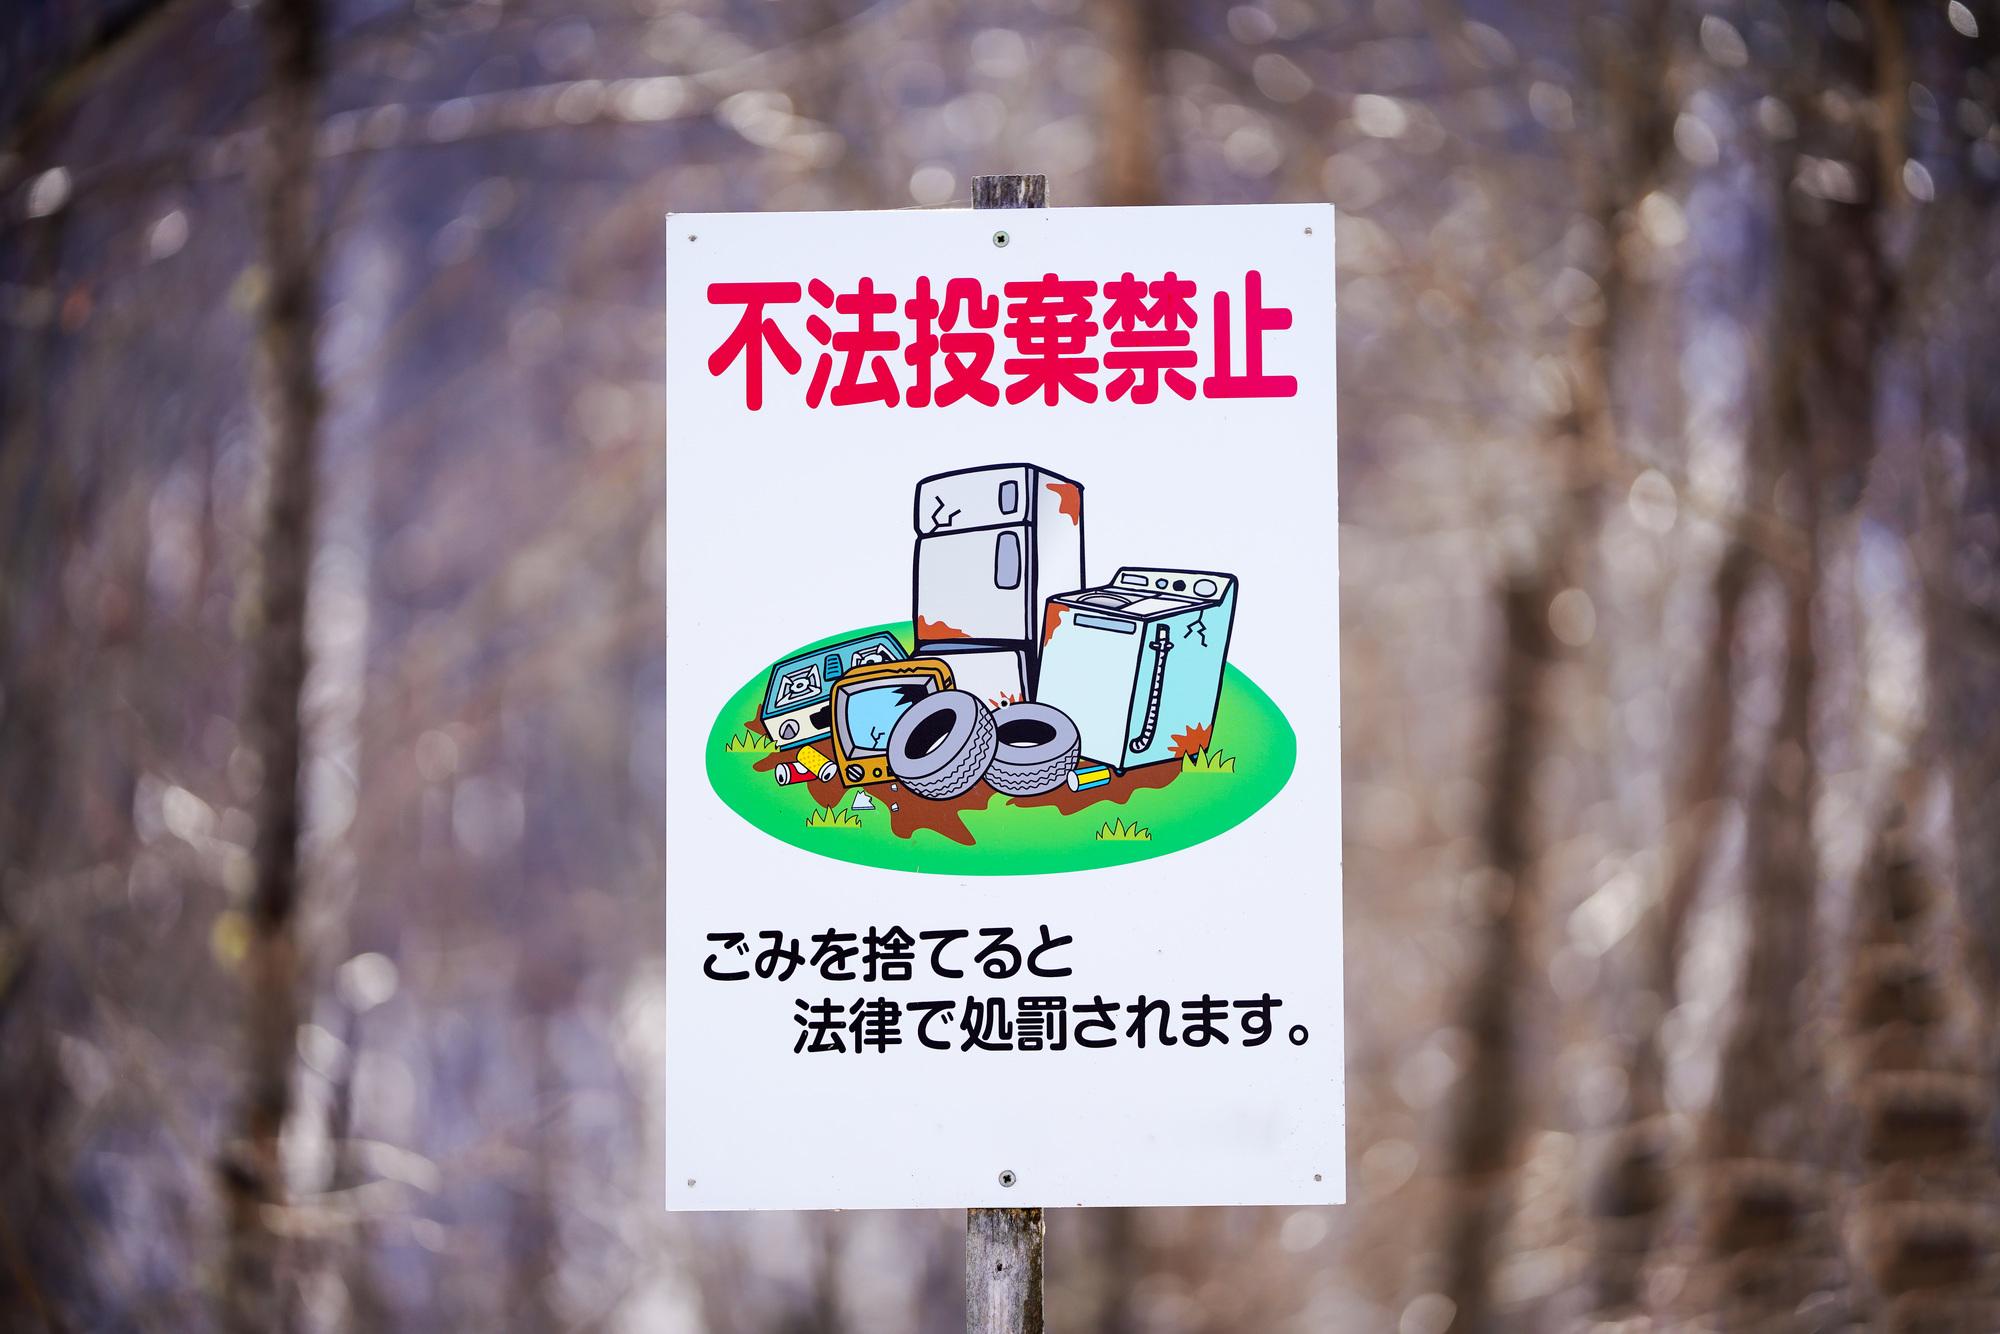 廃棄物処理法違反を起こすとどうなる?違反事例や罰則規定を解説